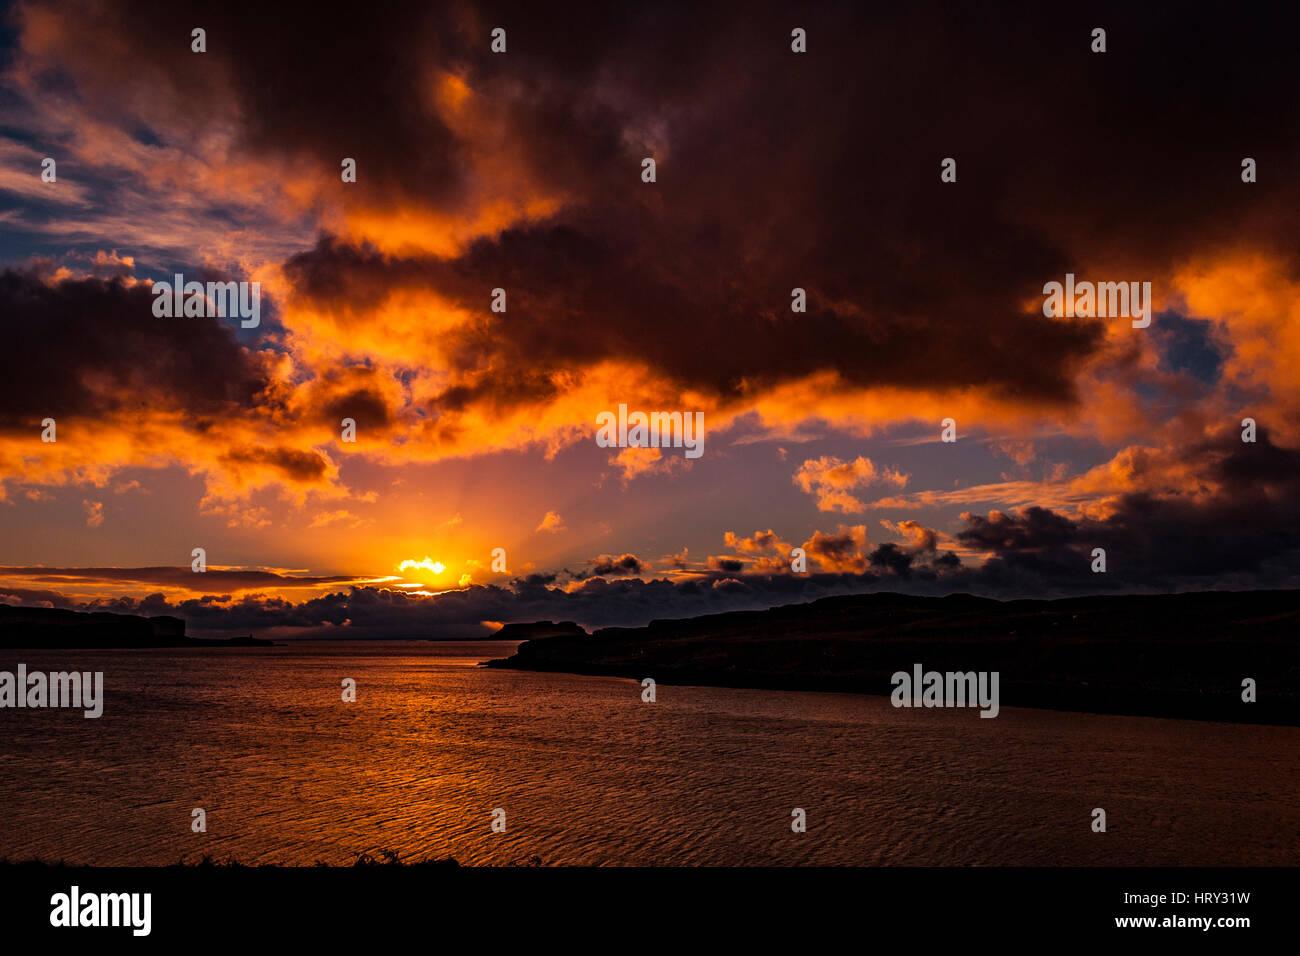 Atardecer con luz crepuscular a través del lago Beag, Isla de Skye, mirando al punto Bracdale Ullinish, Punto, punto y Isle Oronsay Ardtreck Foto de stock